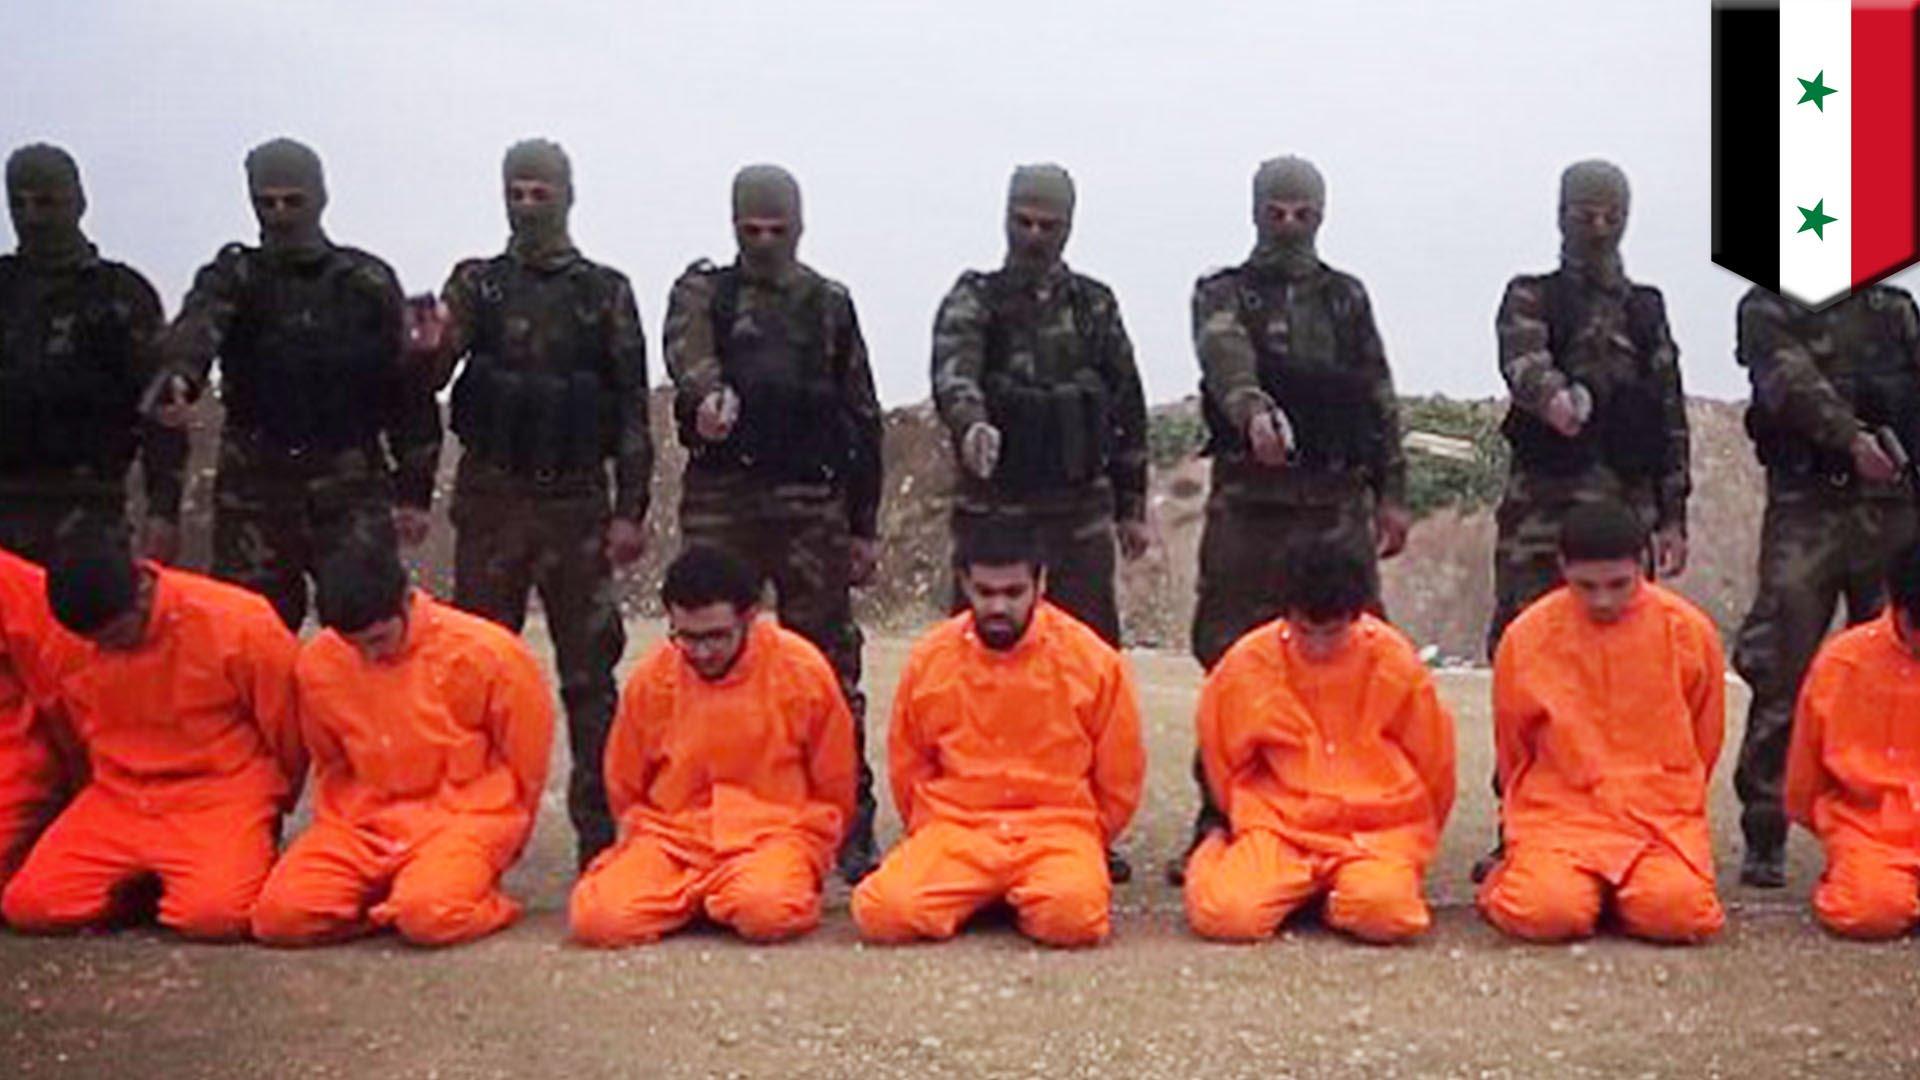 Propagande de Daesh - Execution extrait vidéo